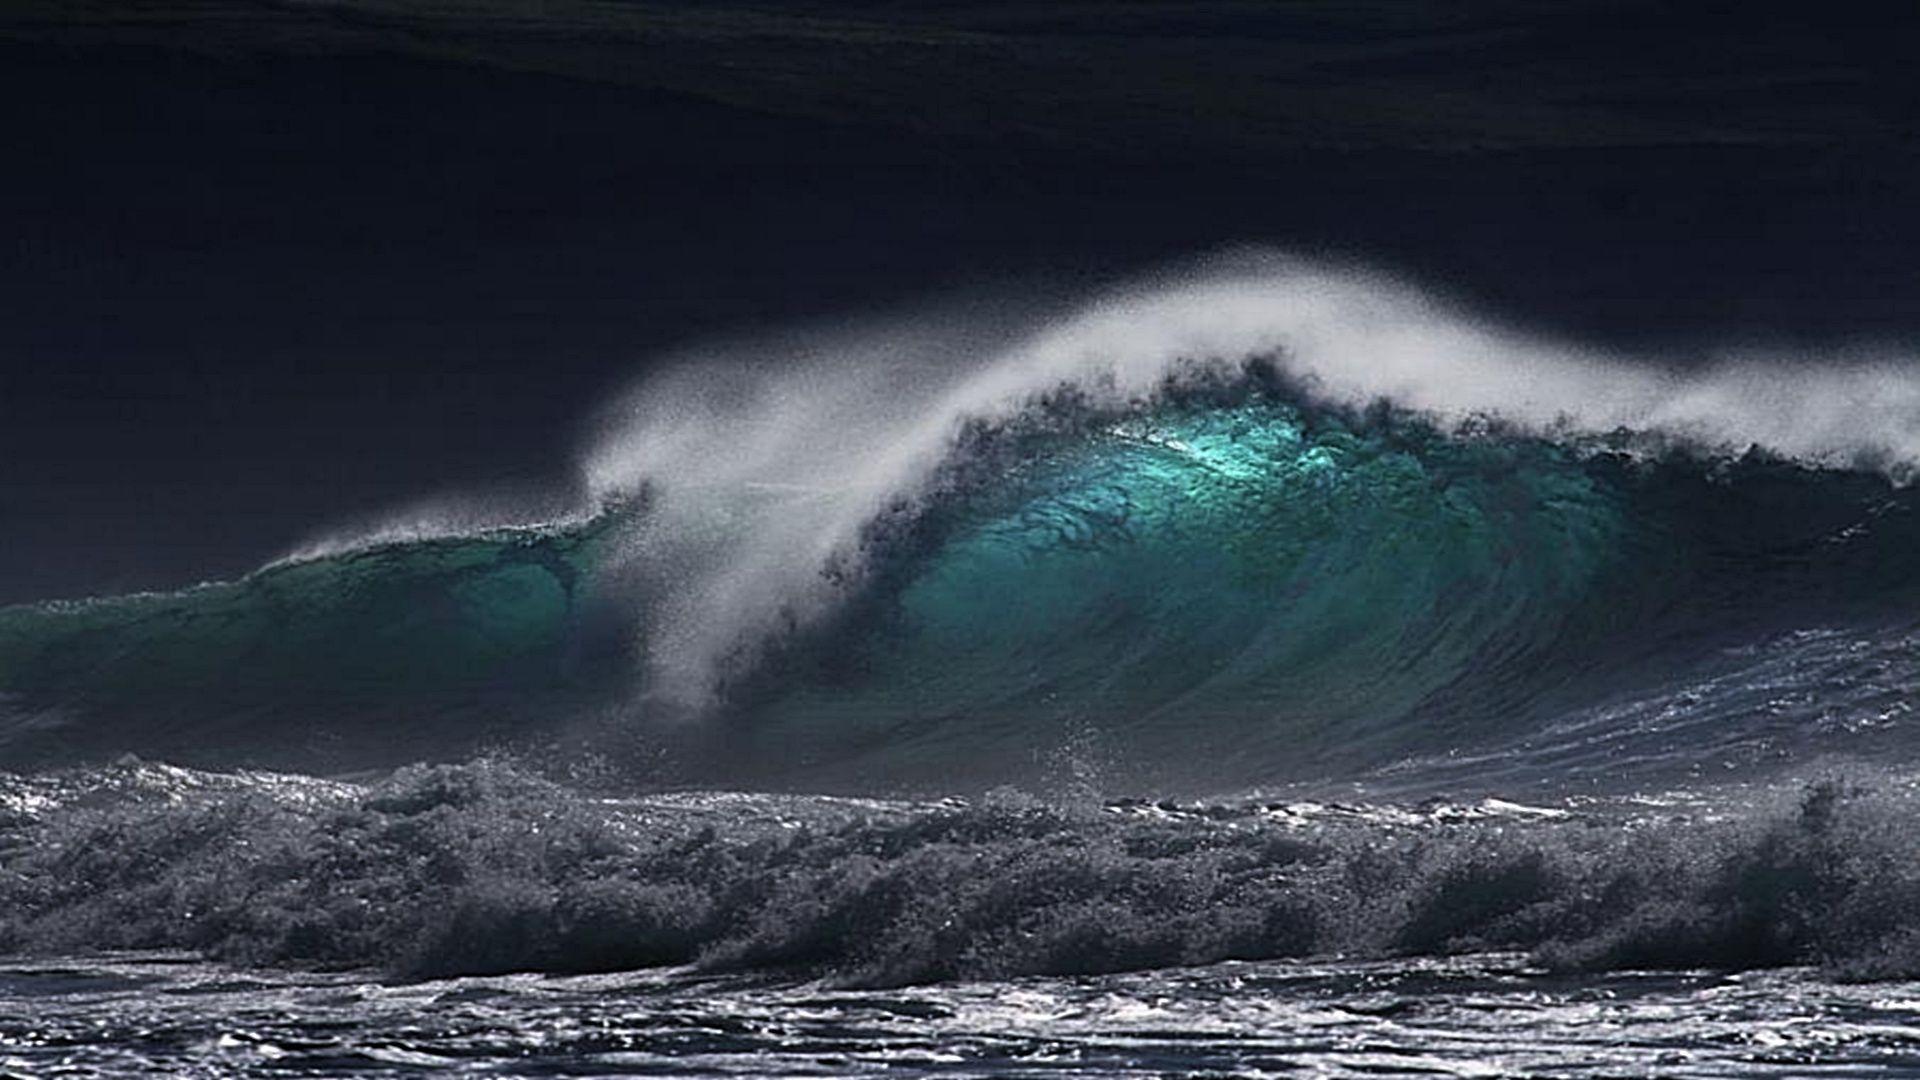 жизни шторм в океане картинка на телефон люстру нельзя сравнить